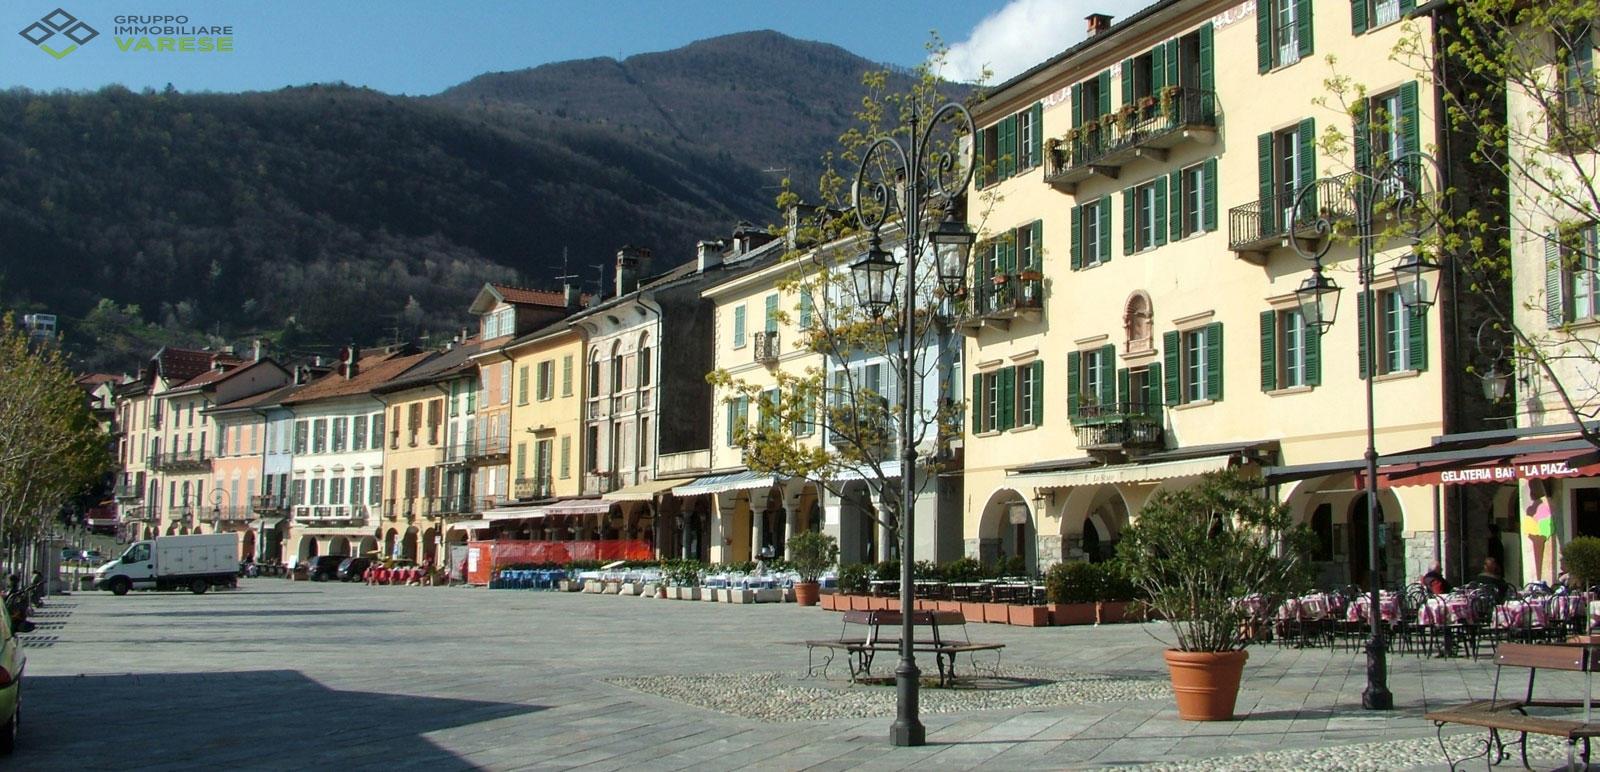 Ufficio / Studio in affitto a Cannobio, 9999 locali, Trattative riservate | CambioCasa.it